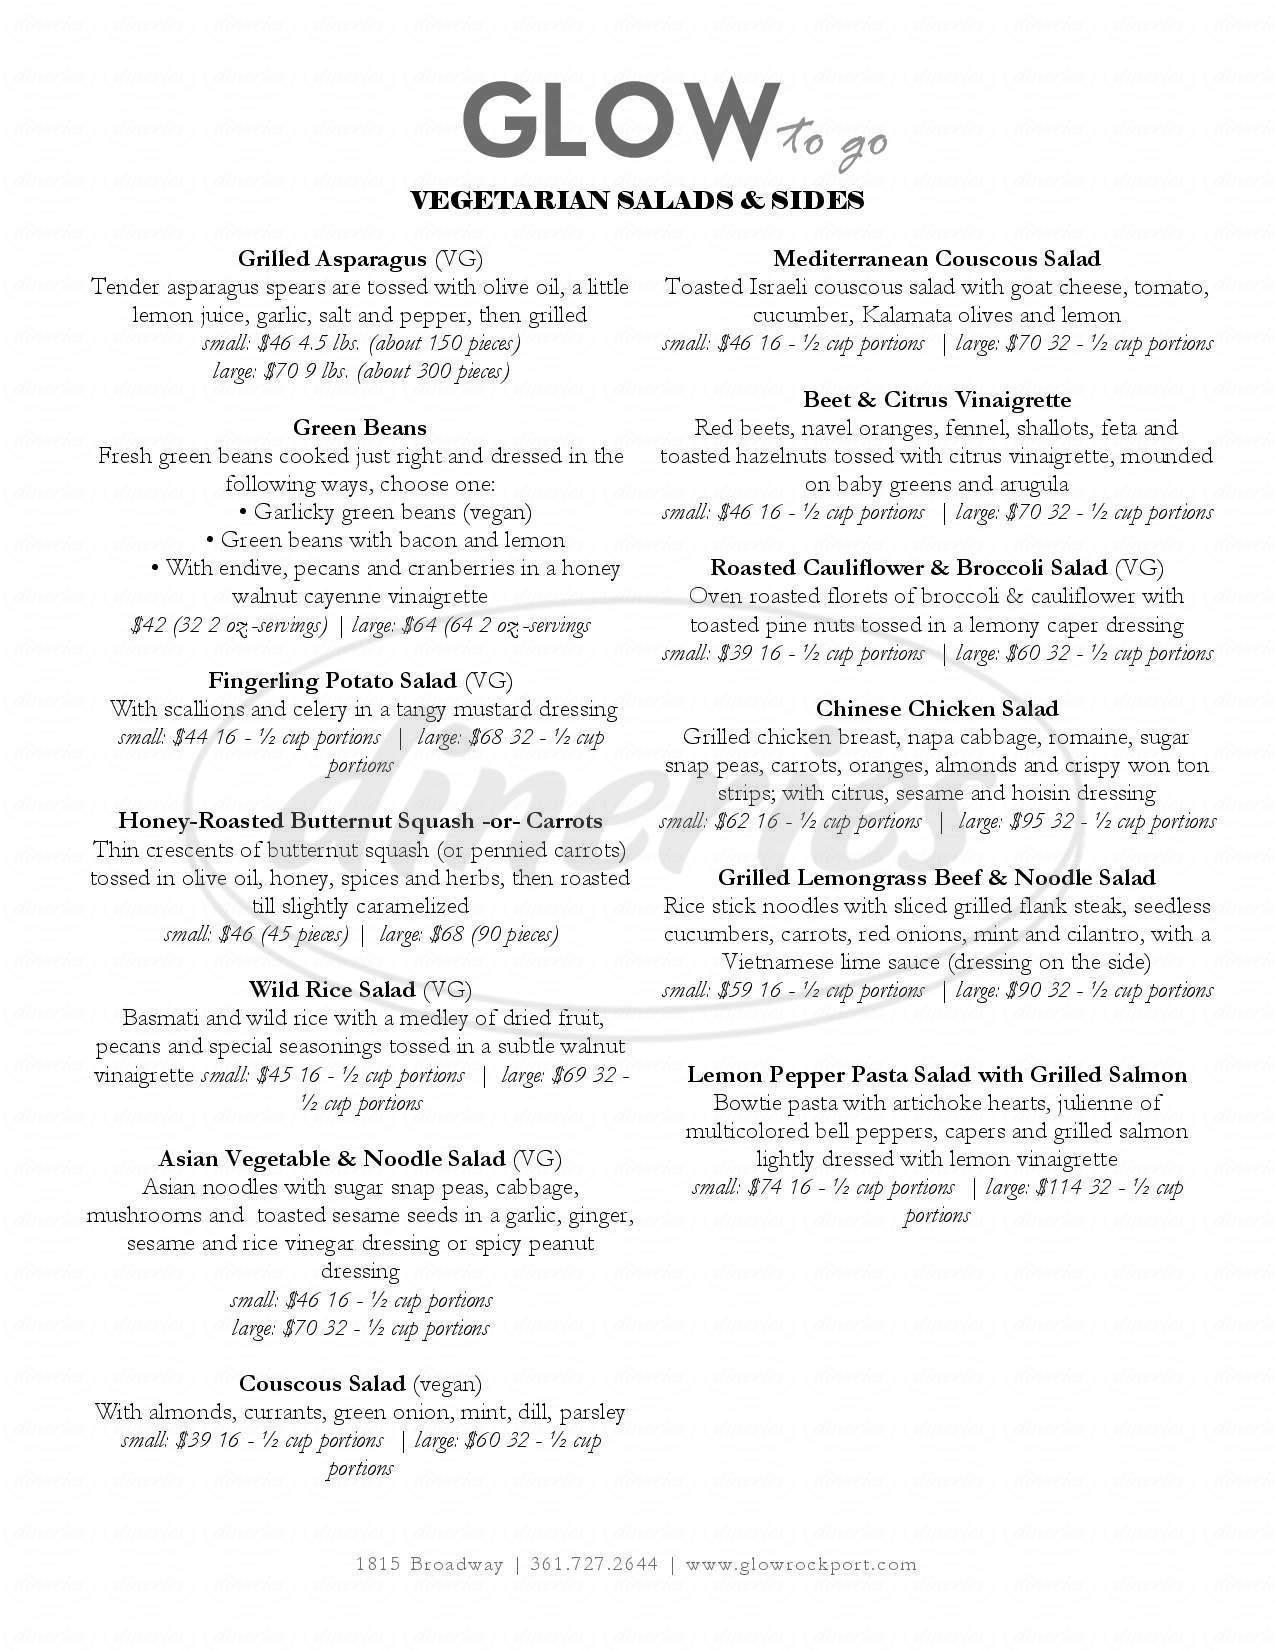 menu for Glow